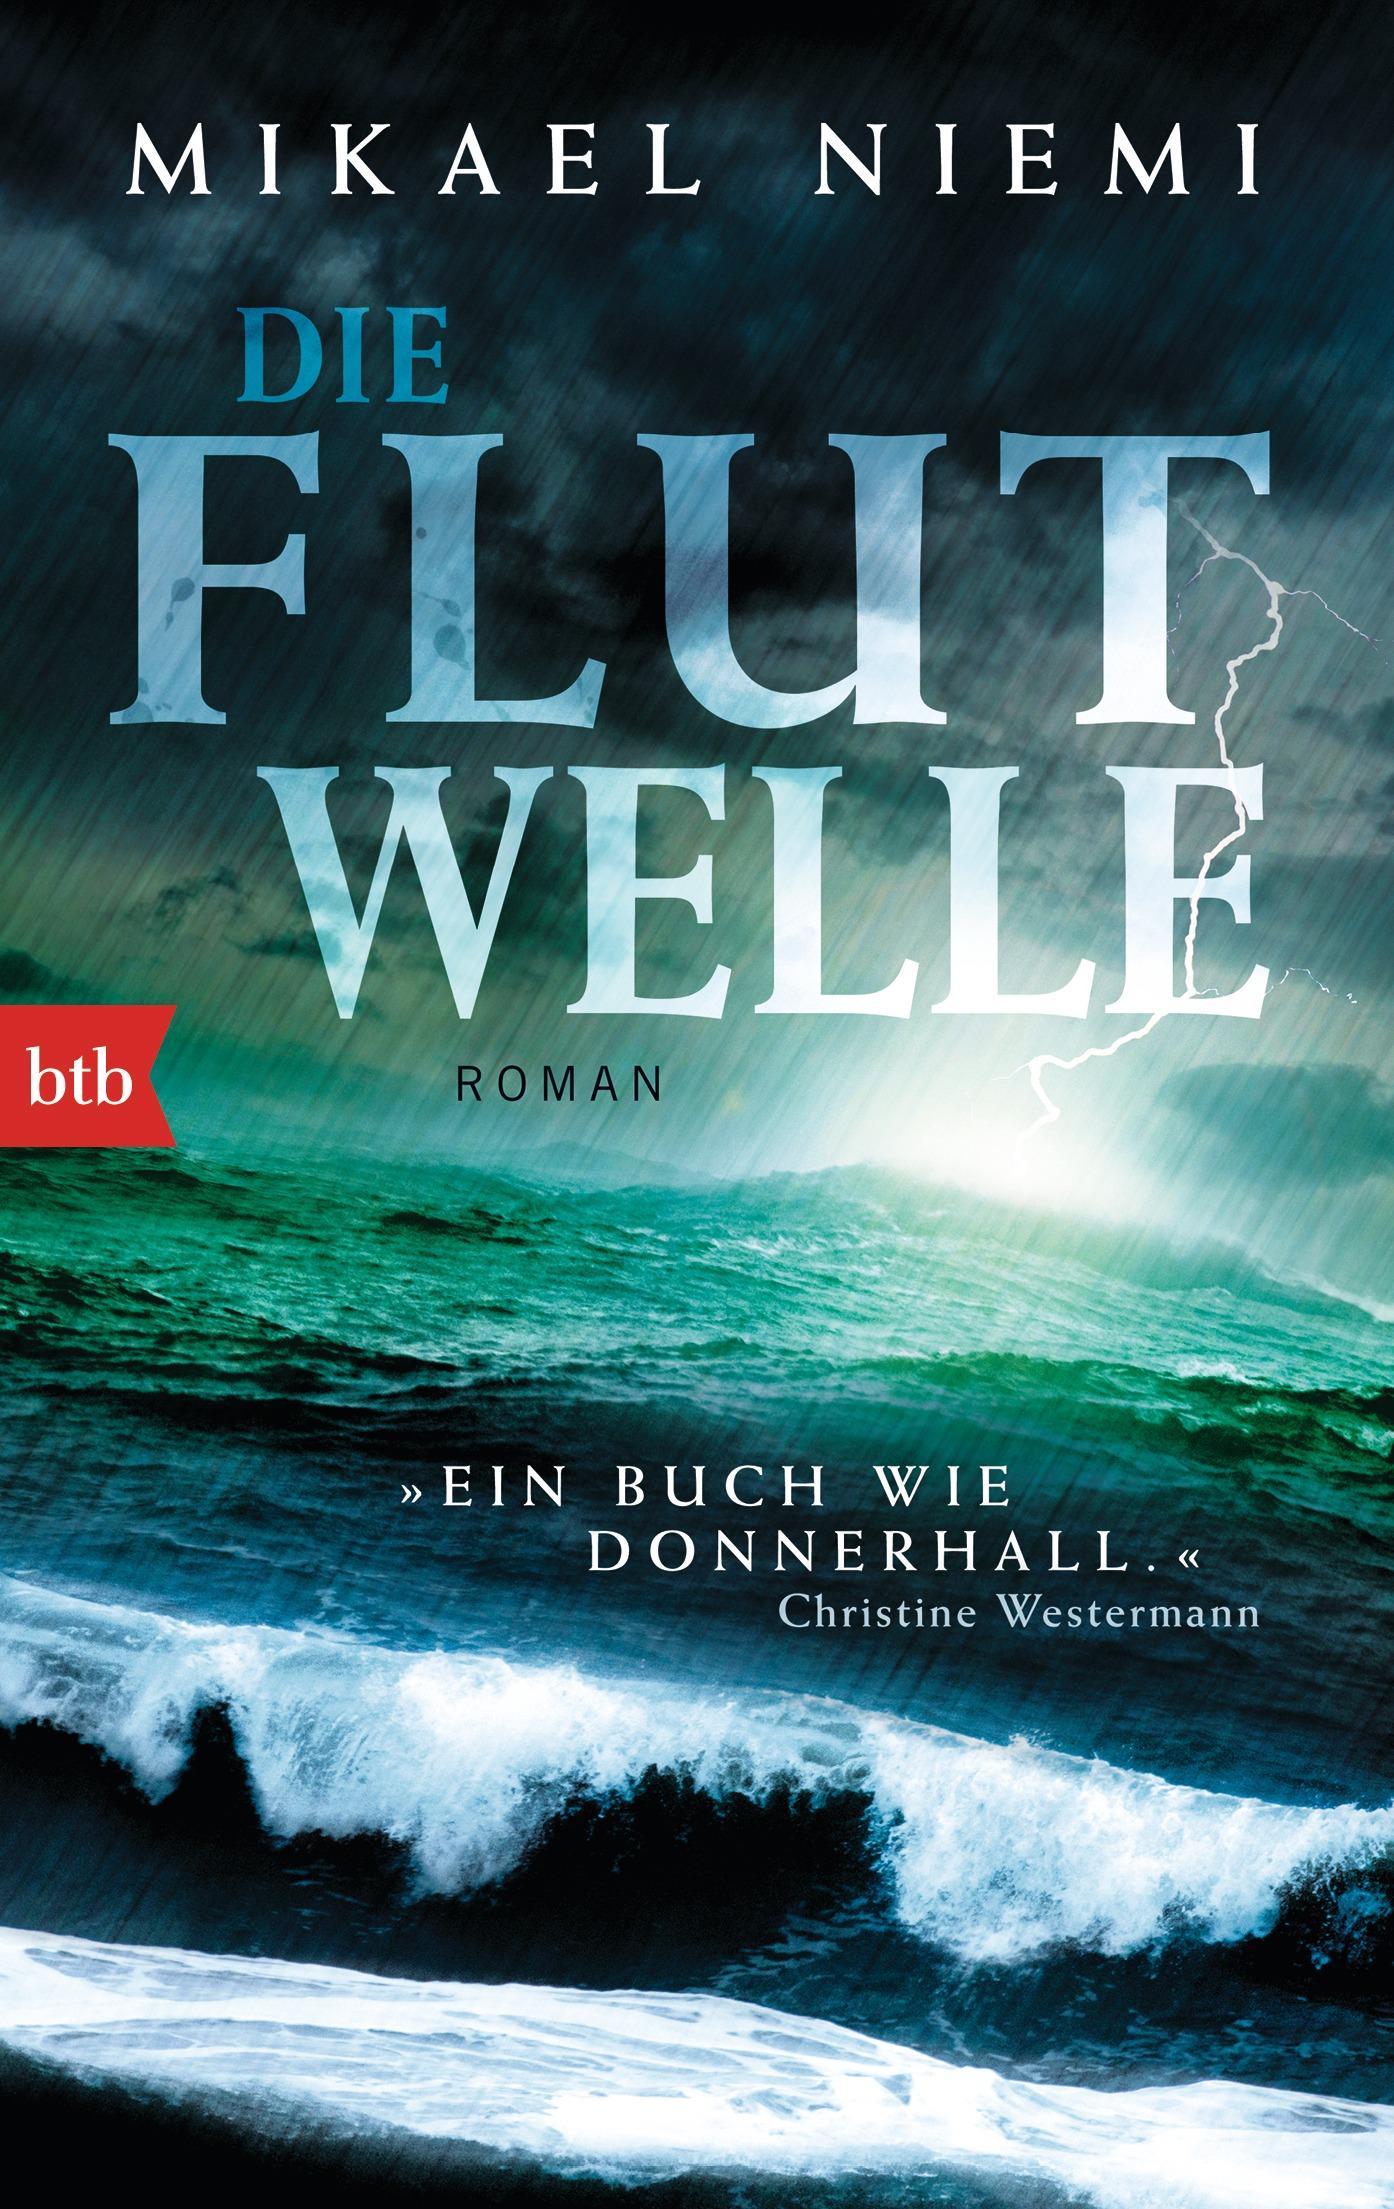 Die Flutwelle - Mikael Niemi